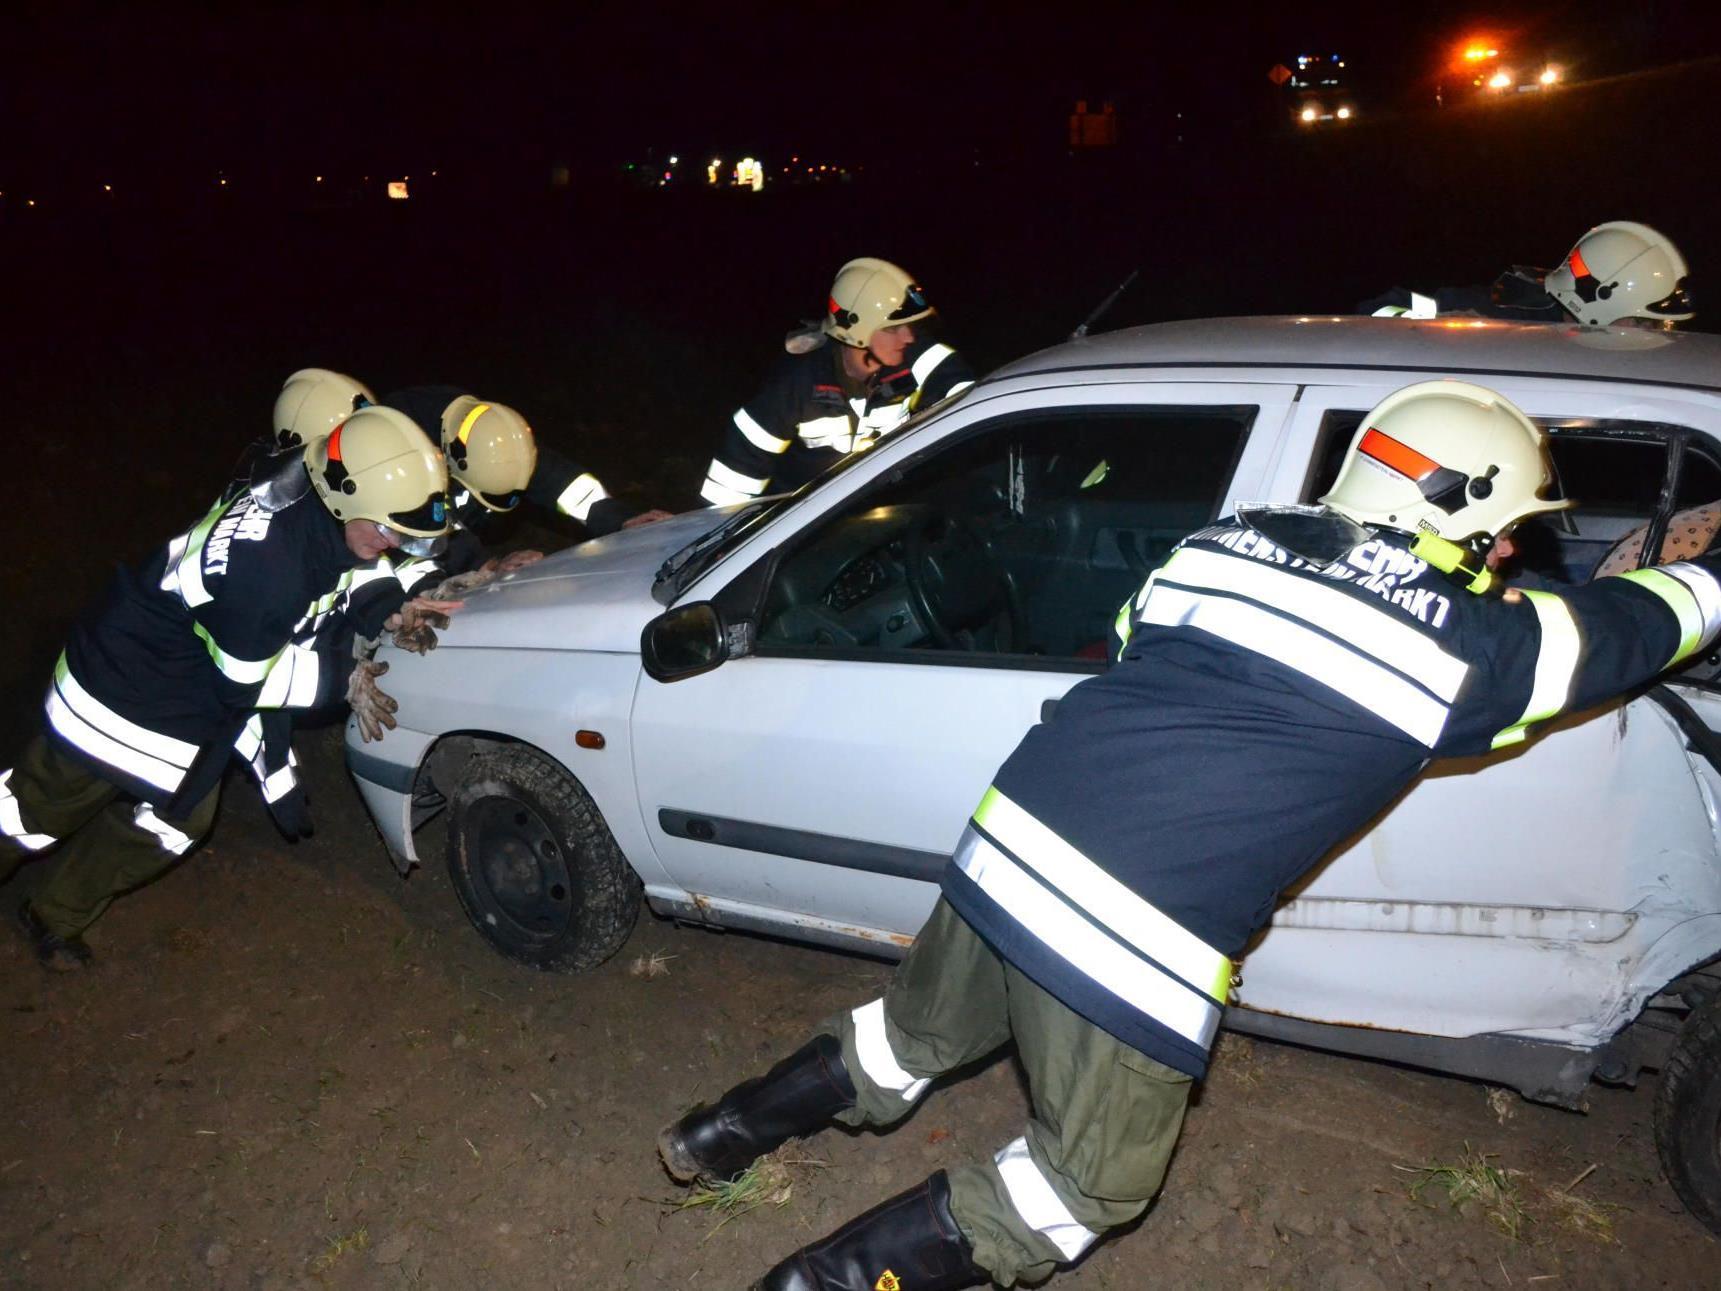 NÖ/ Bez. Neunkirchen: Verkehrsunfall auf der B54 bei Grimmenstein - die Feuerwehr beim Bergen des Unfallautos.